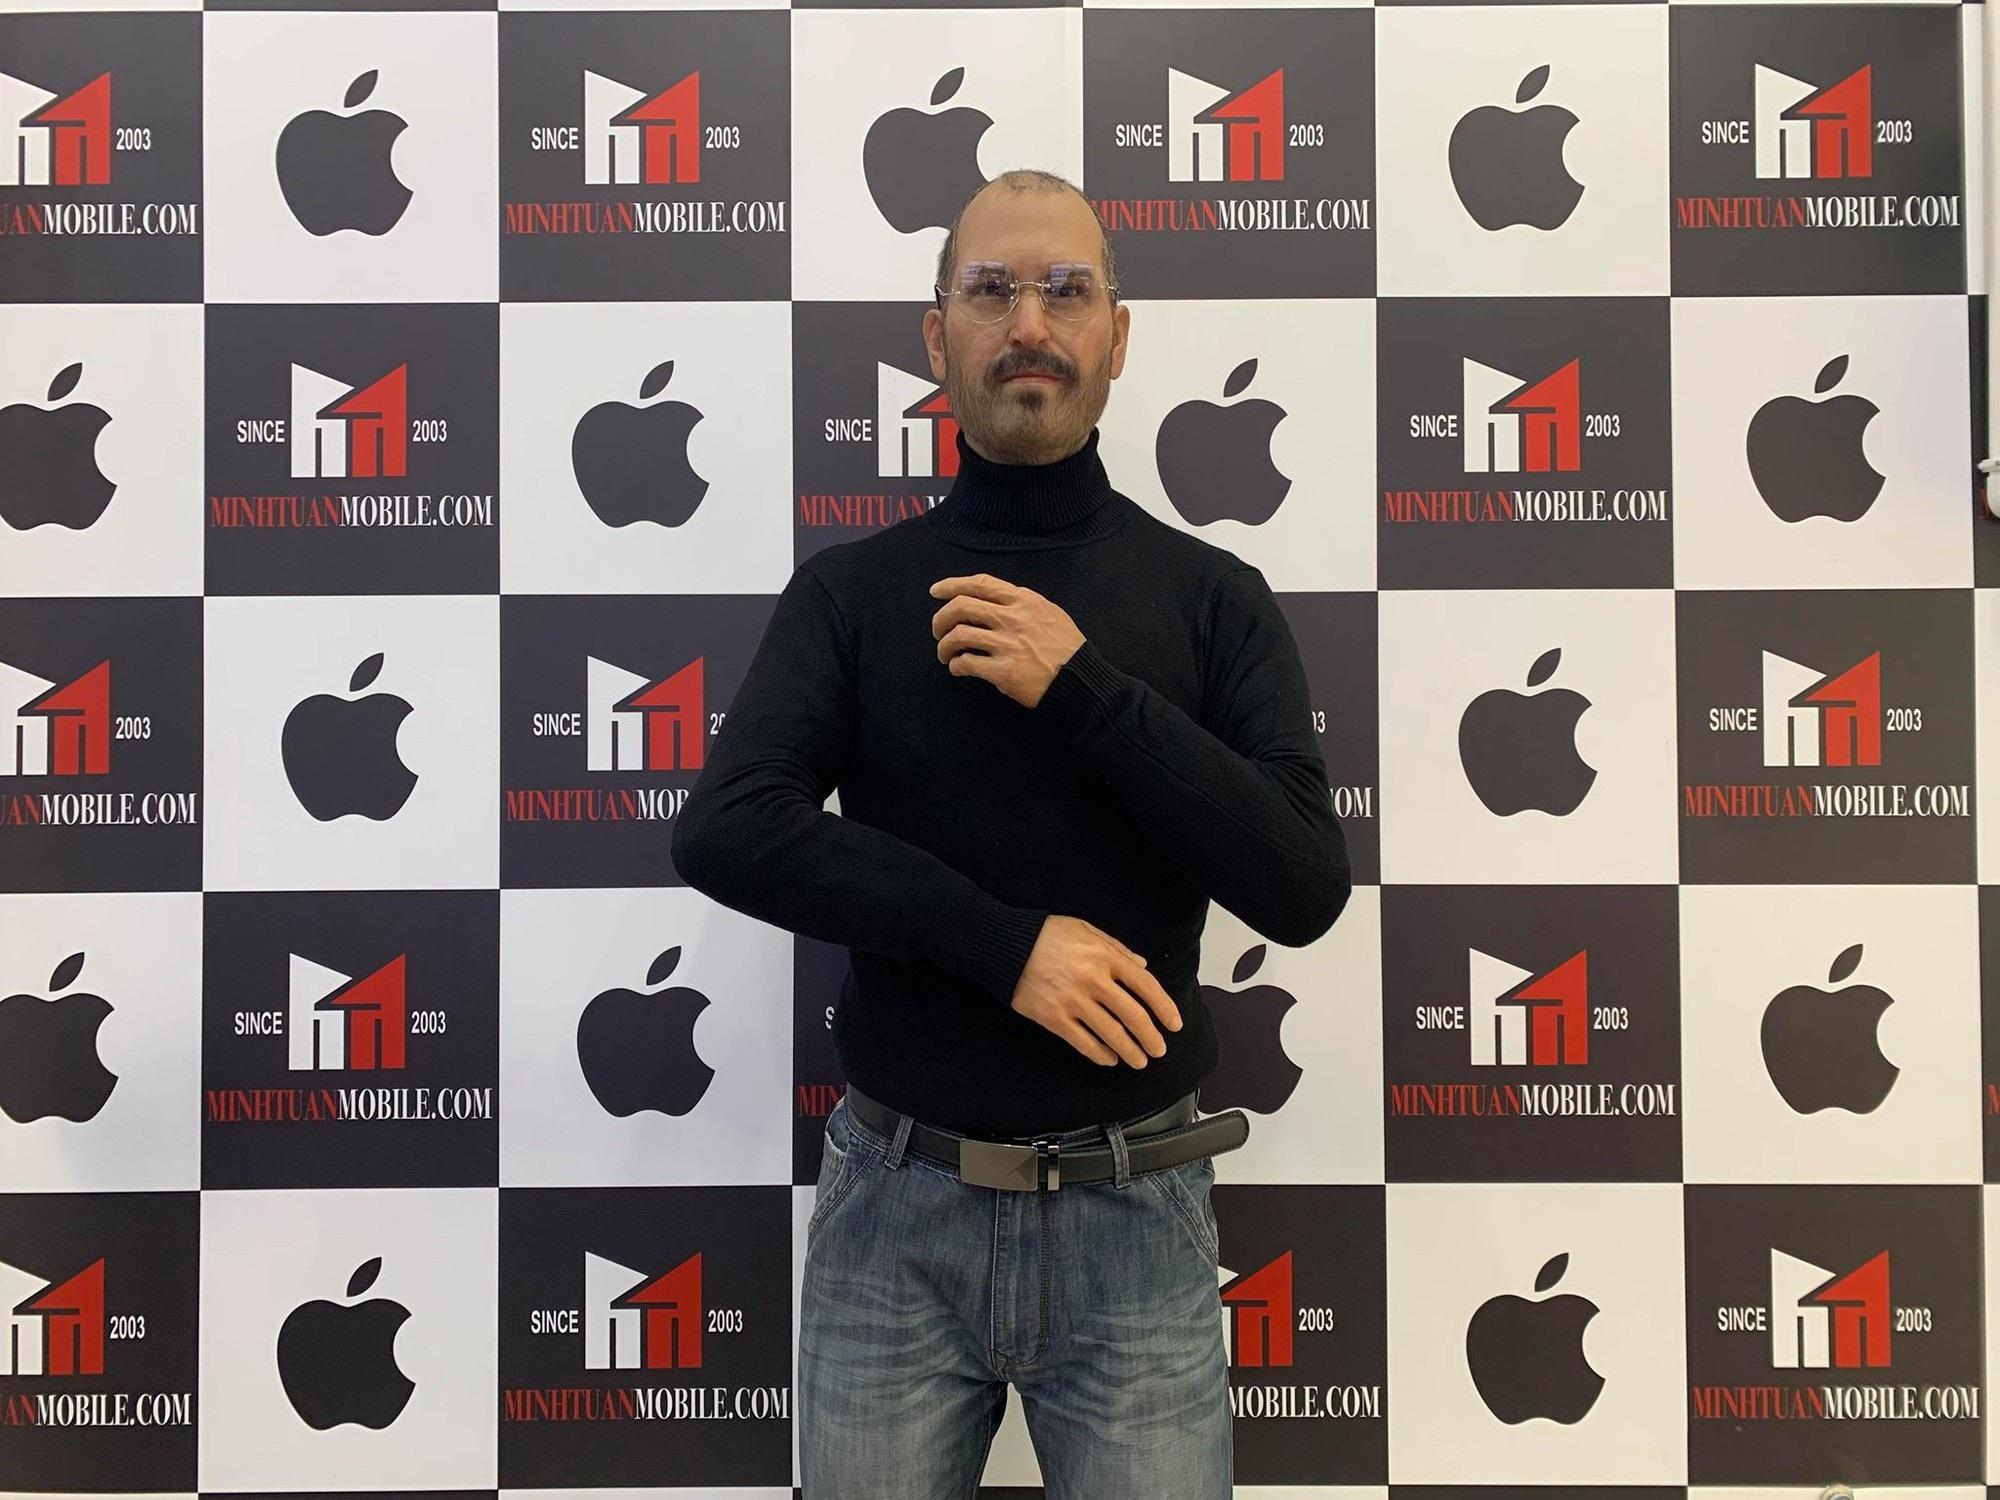 Tượng sáp phù thủy Steve Jobs gây chú ý tại TP HCM - Ảnh 1.